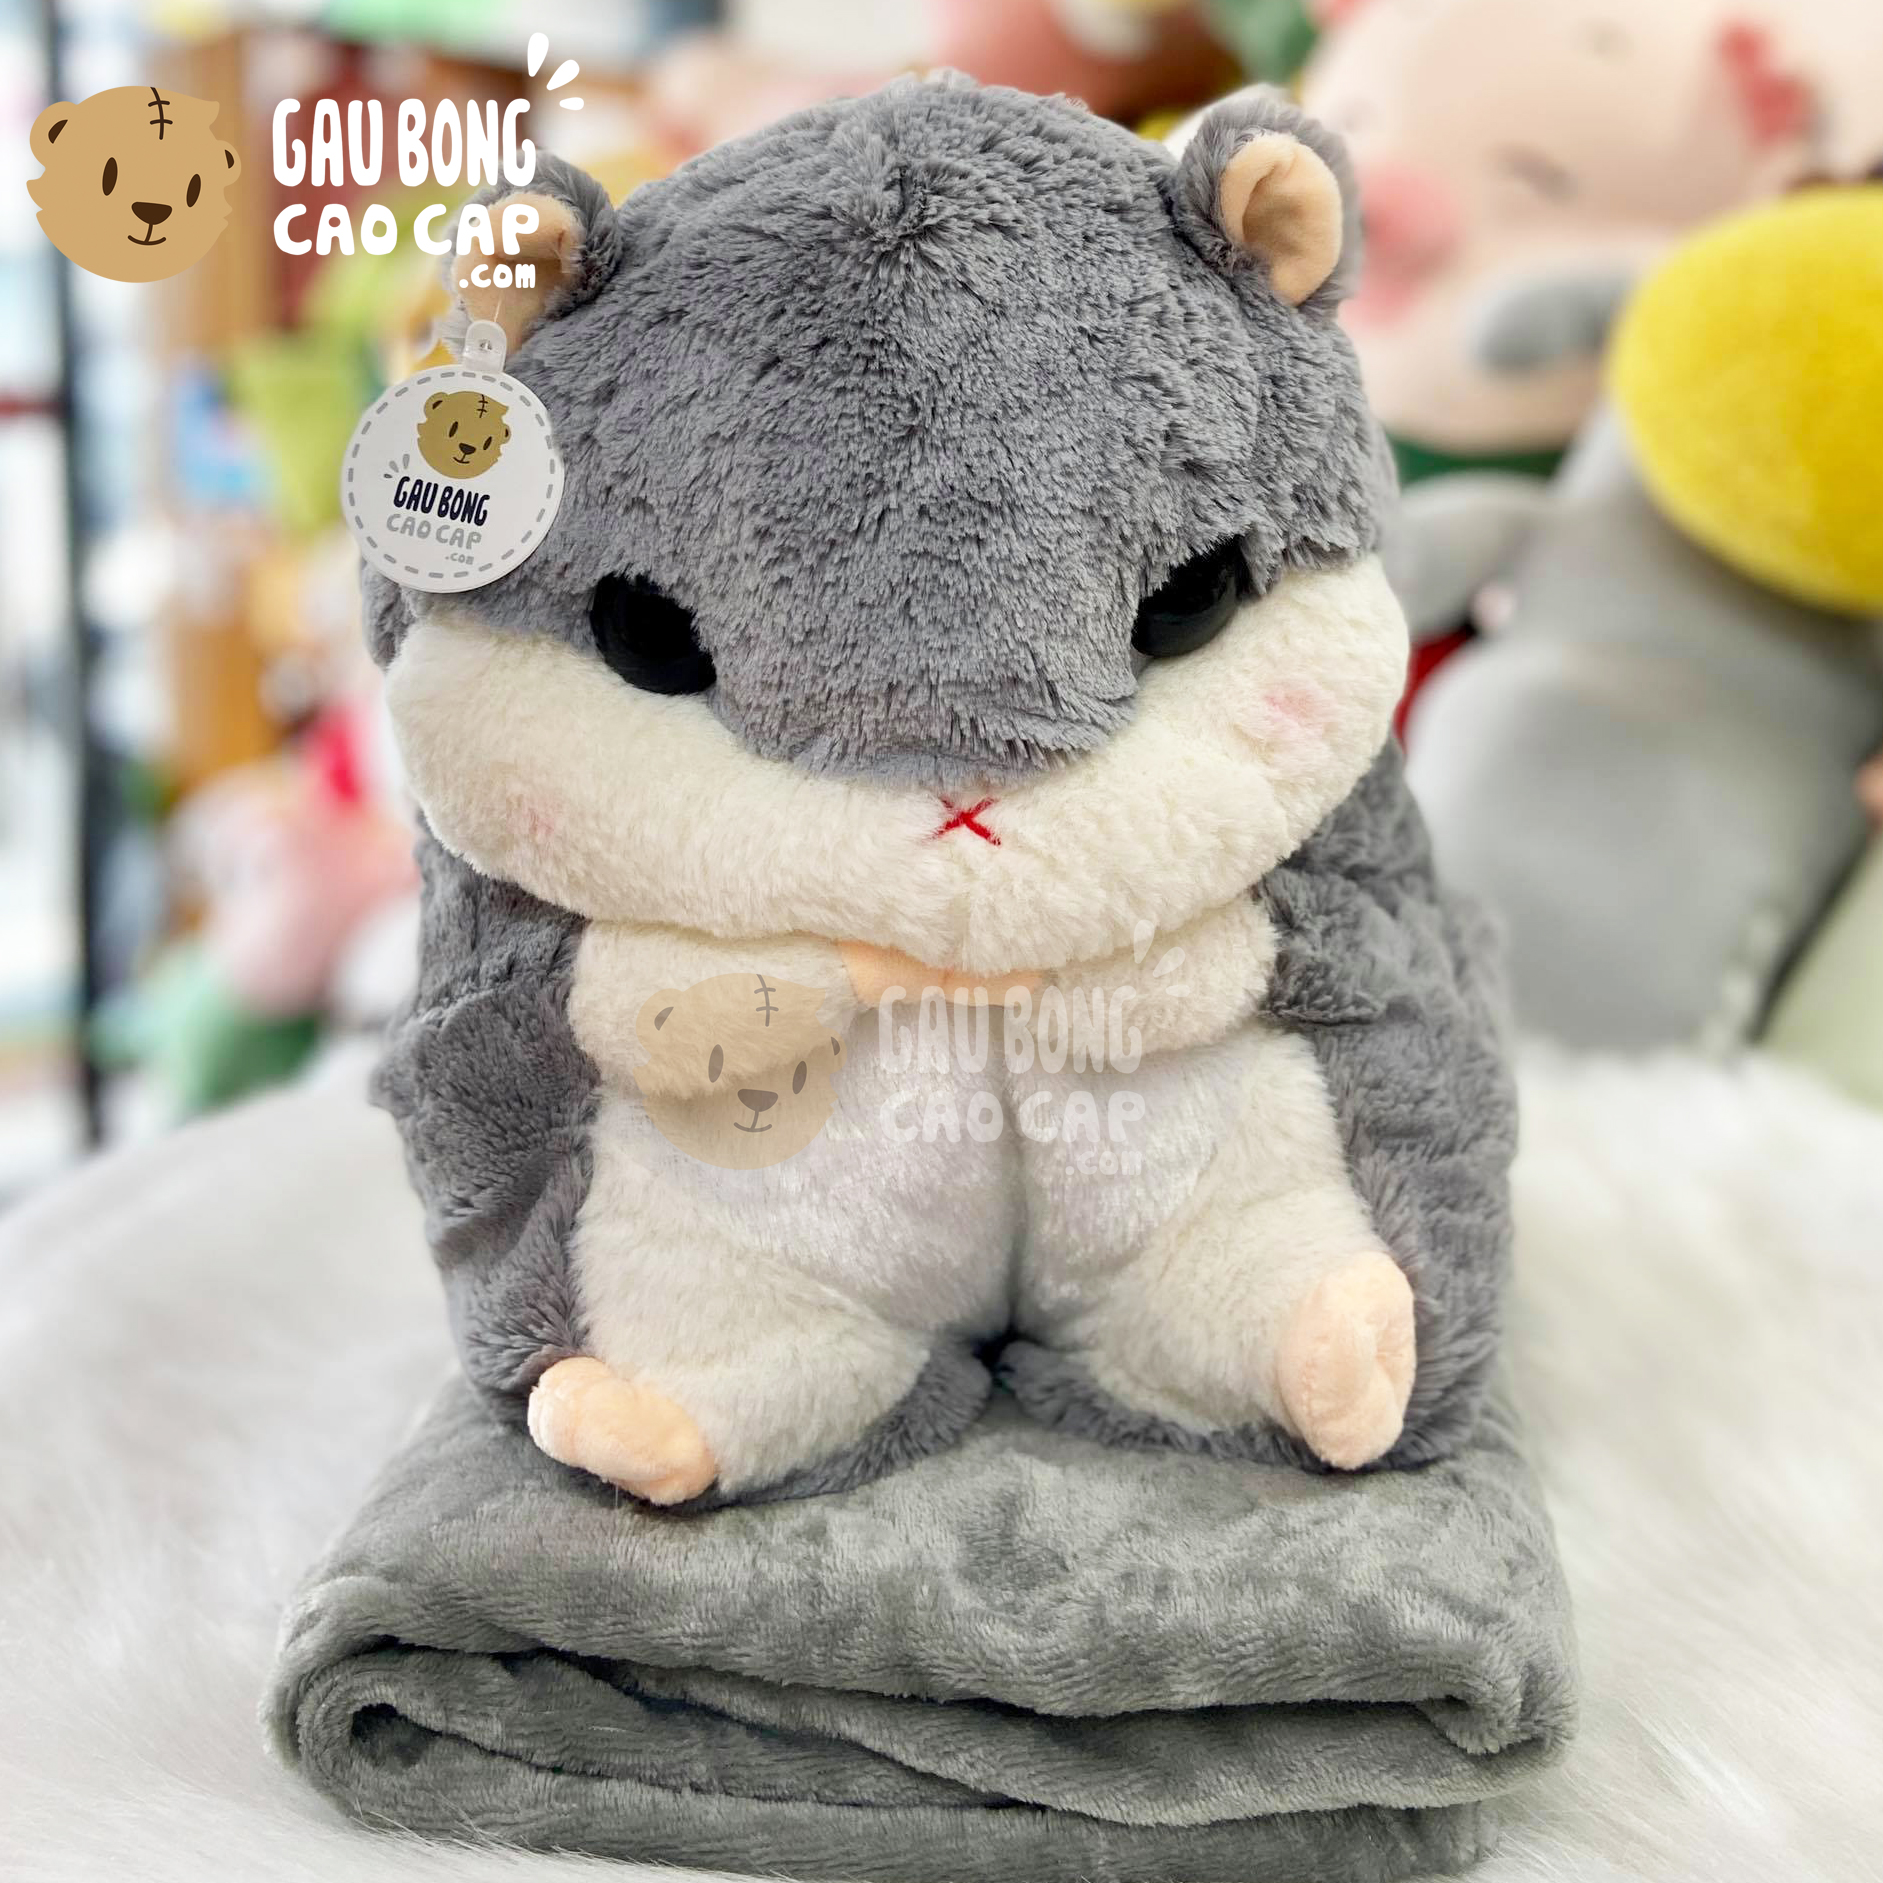 Gối mền Gấu Bông chuột Hamster lông tơ mịn